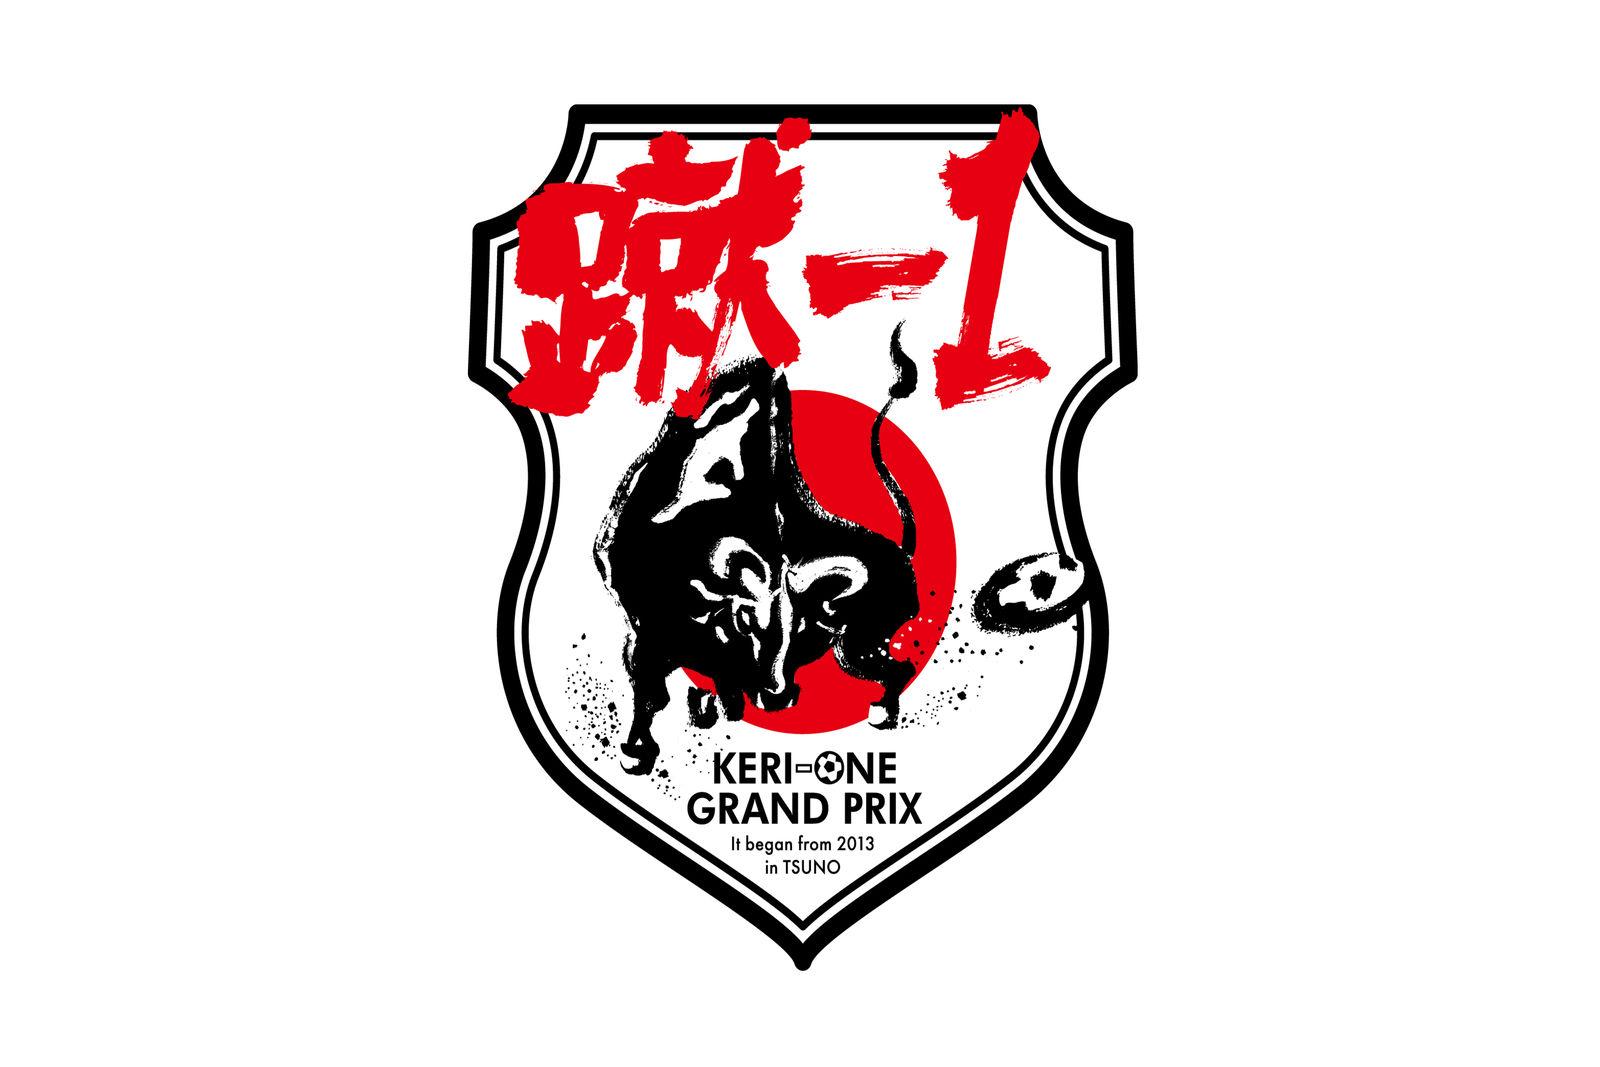 蹴-1GPのロゴには、口蹄疫から前を向いて進んでいくという強い想いが込められています